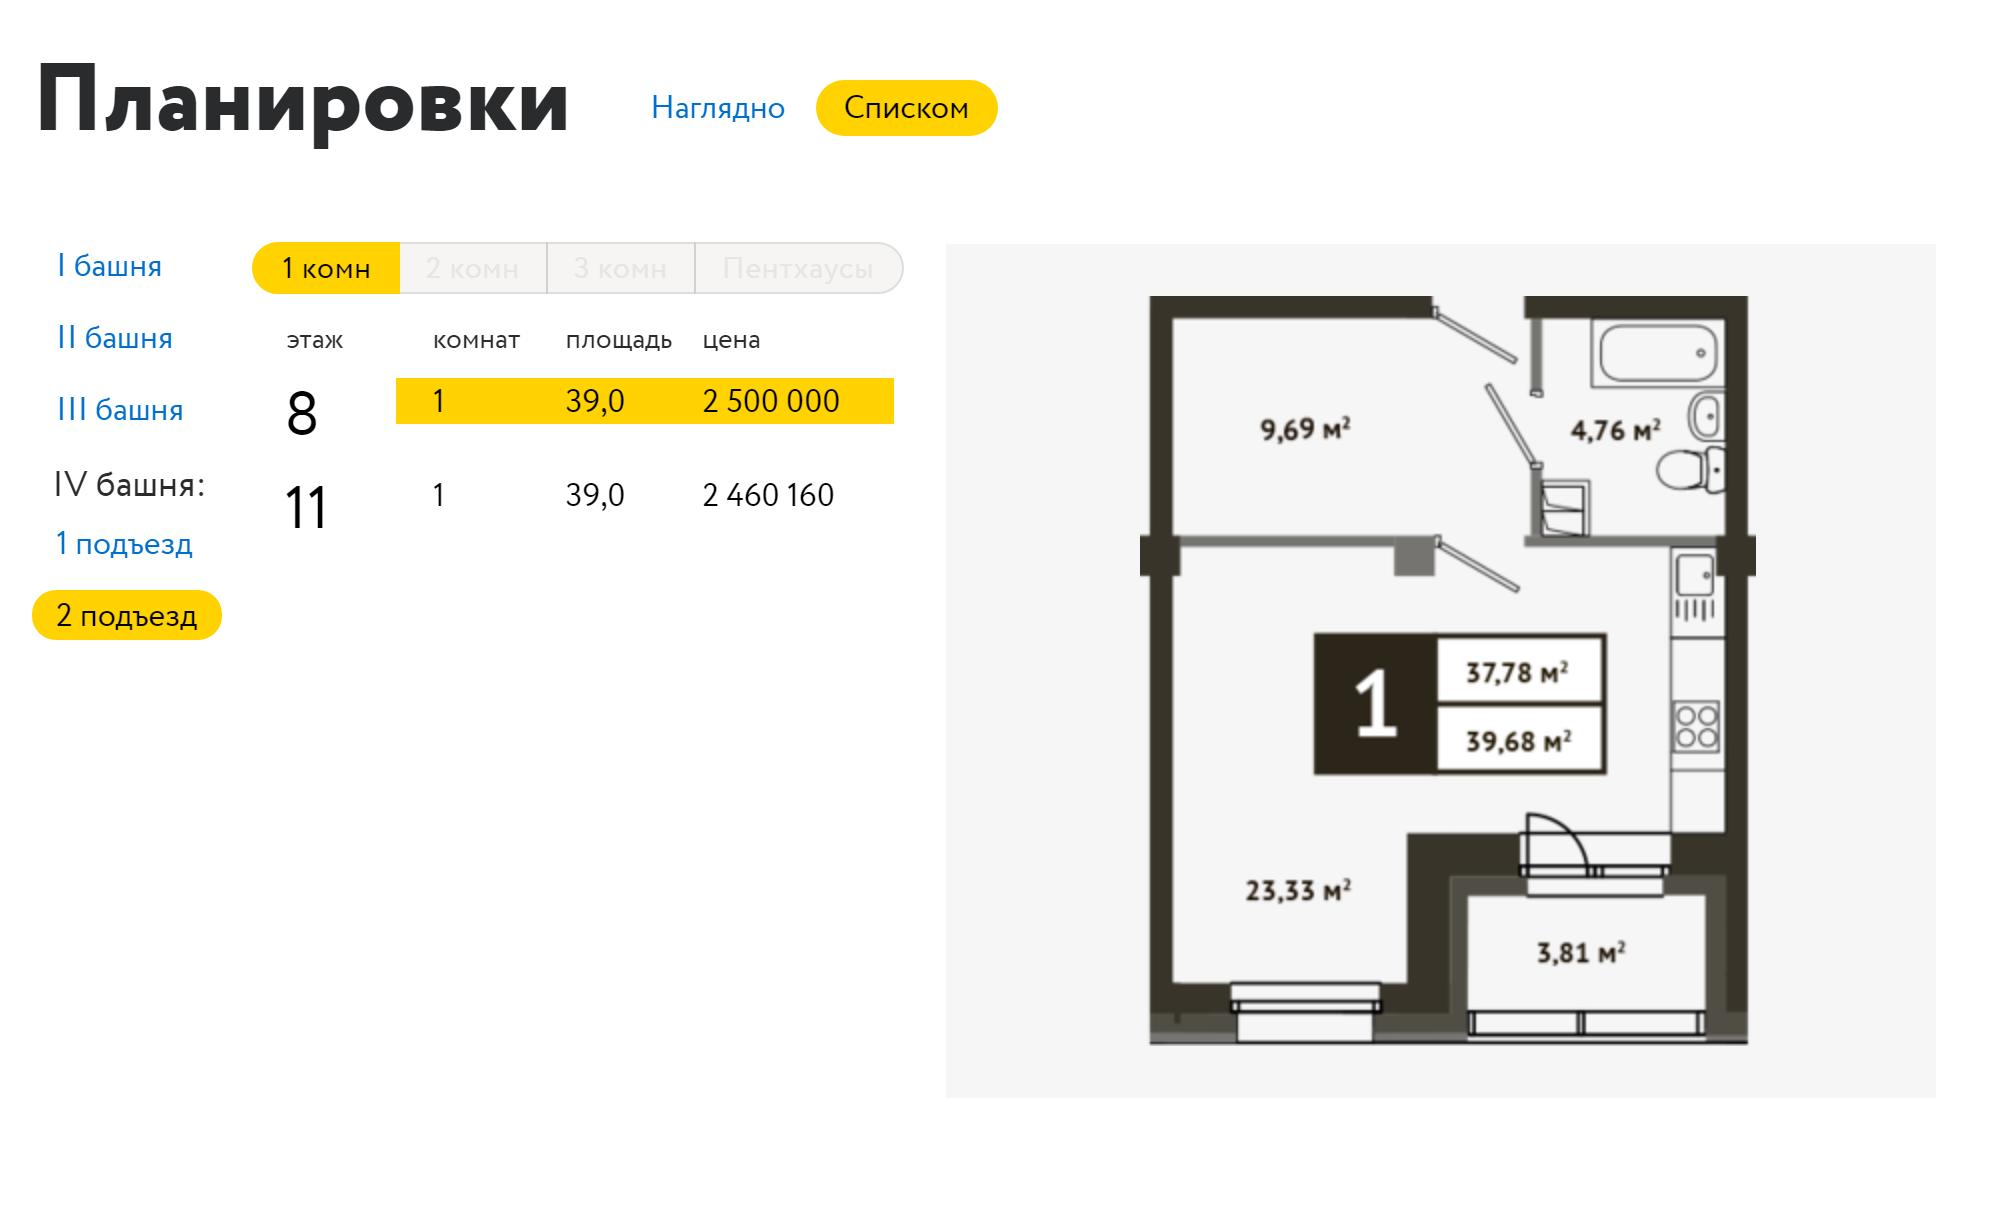 Несмотря на высокую стоимость квартир в «Отражении», практически все их раскупили еще на стадии строительства. Источник: otrazhenie.su